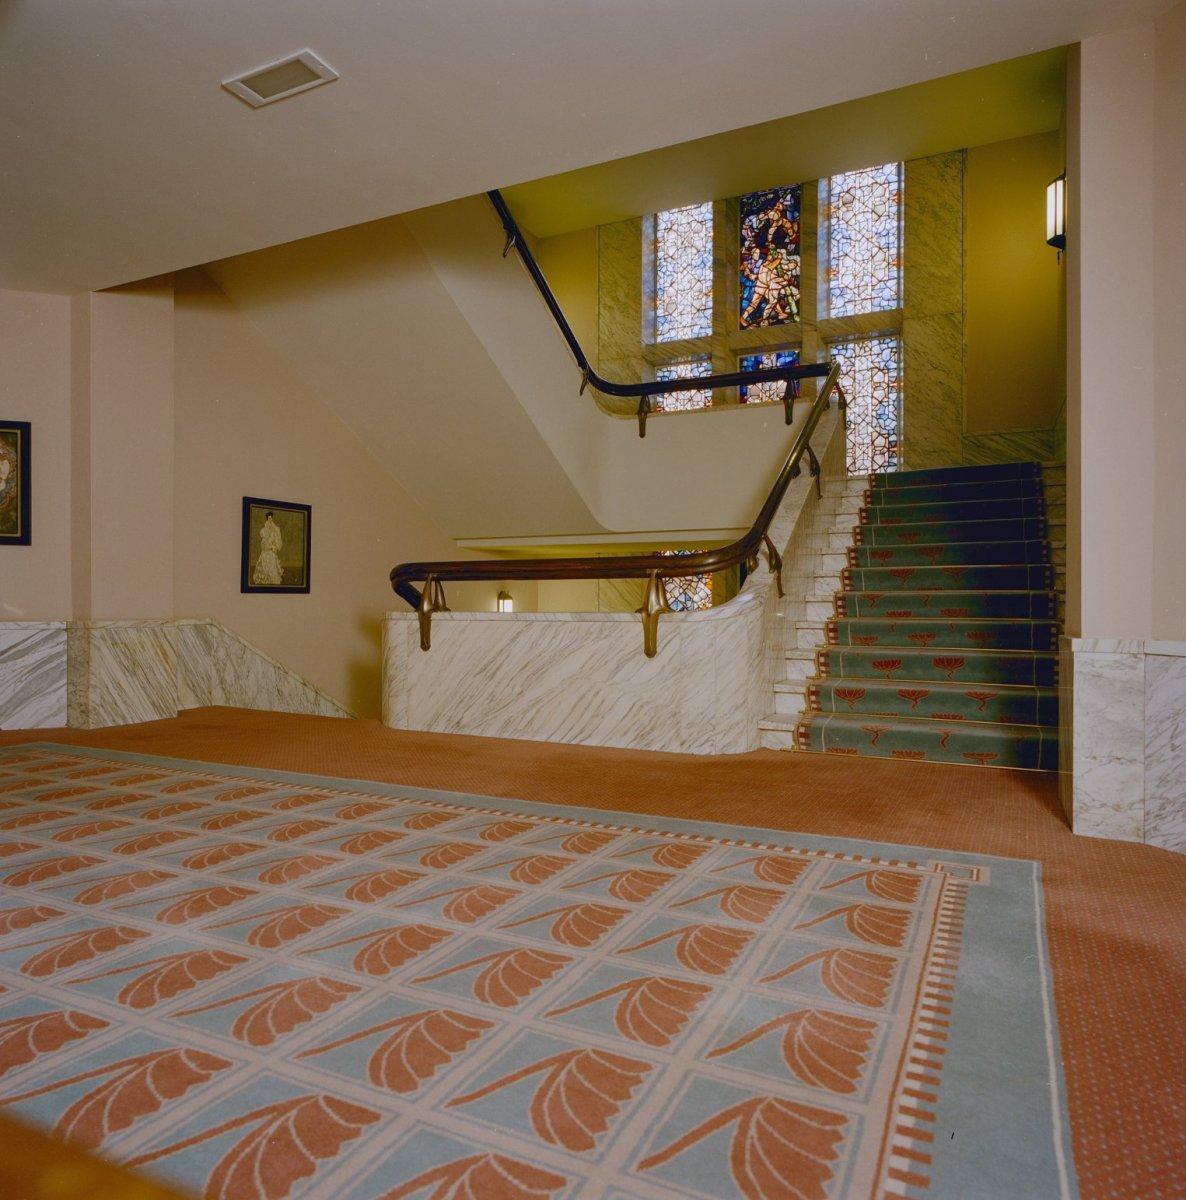 fileinterieur overzicht trappenhuis met glas in loodramen van rn roland holst uit